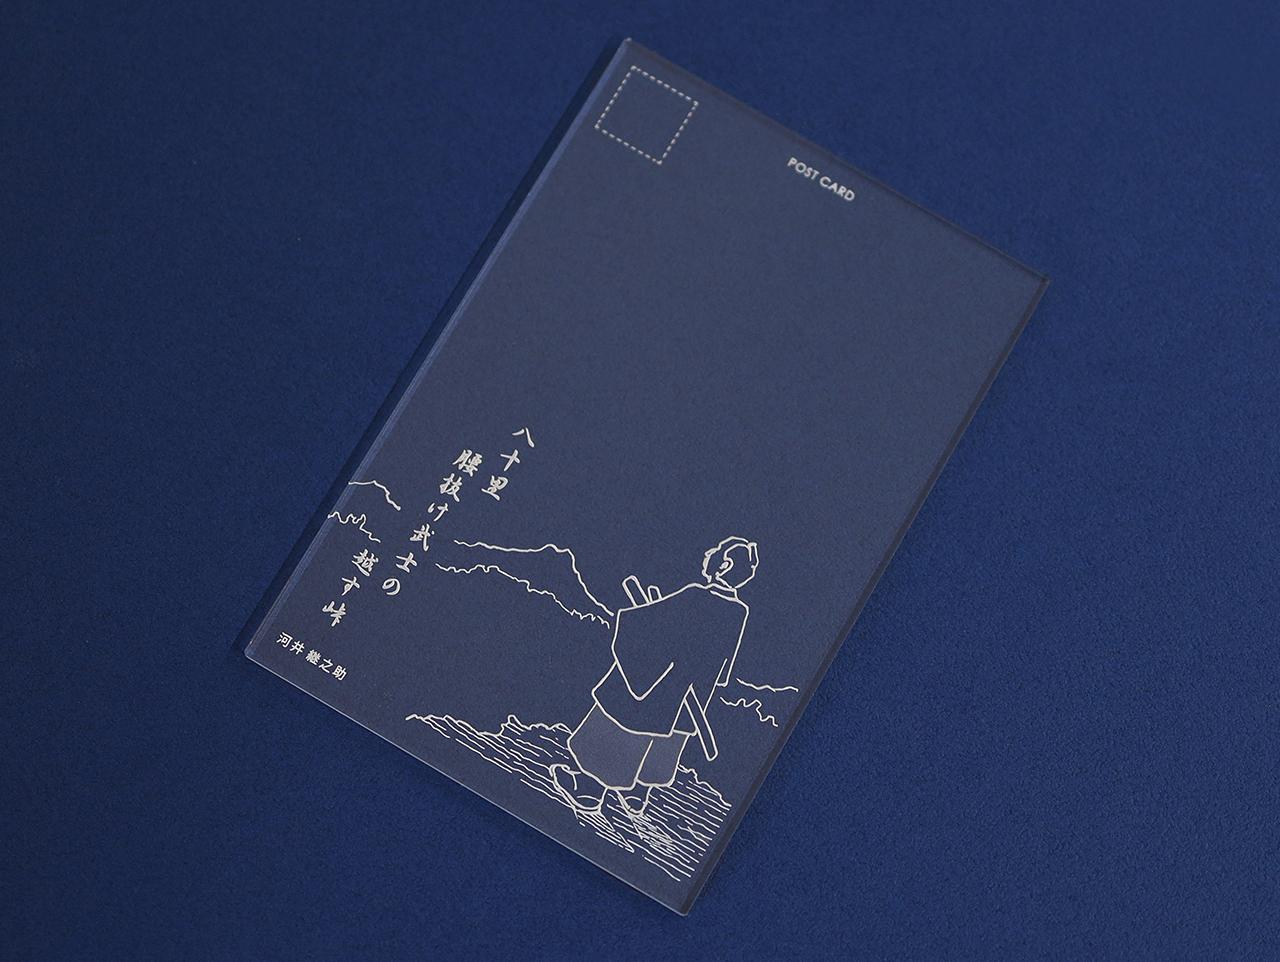 アクリルのポストカード -nagaoka- 河井継之助②